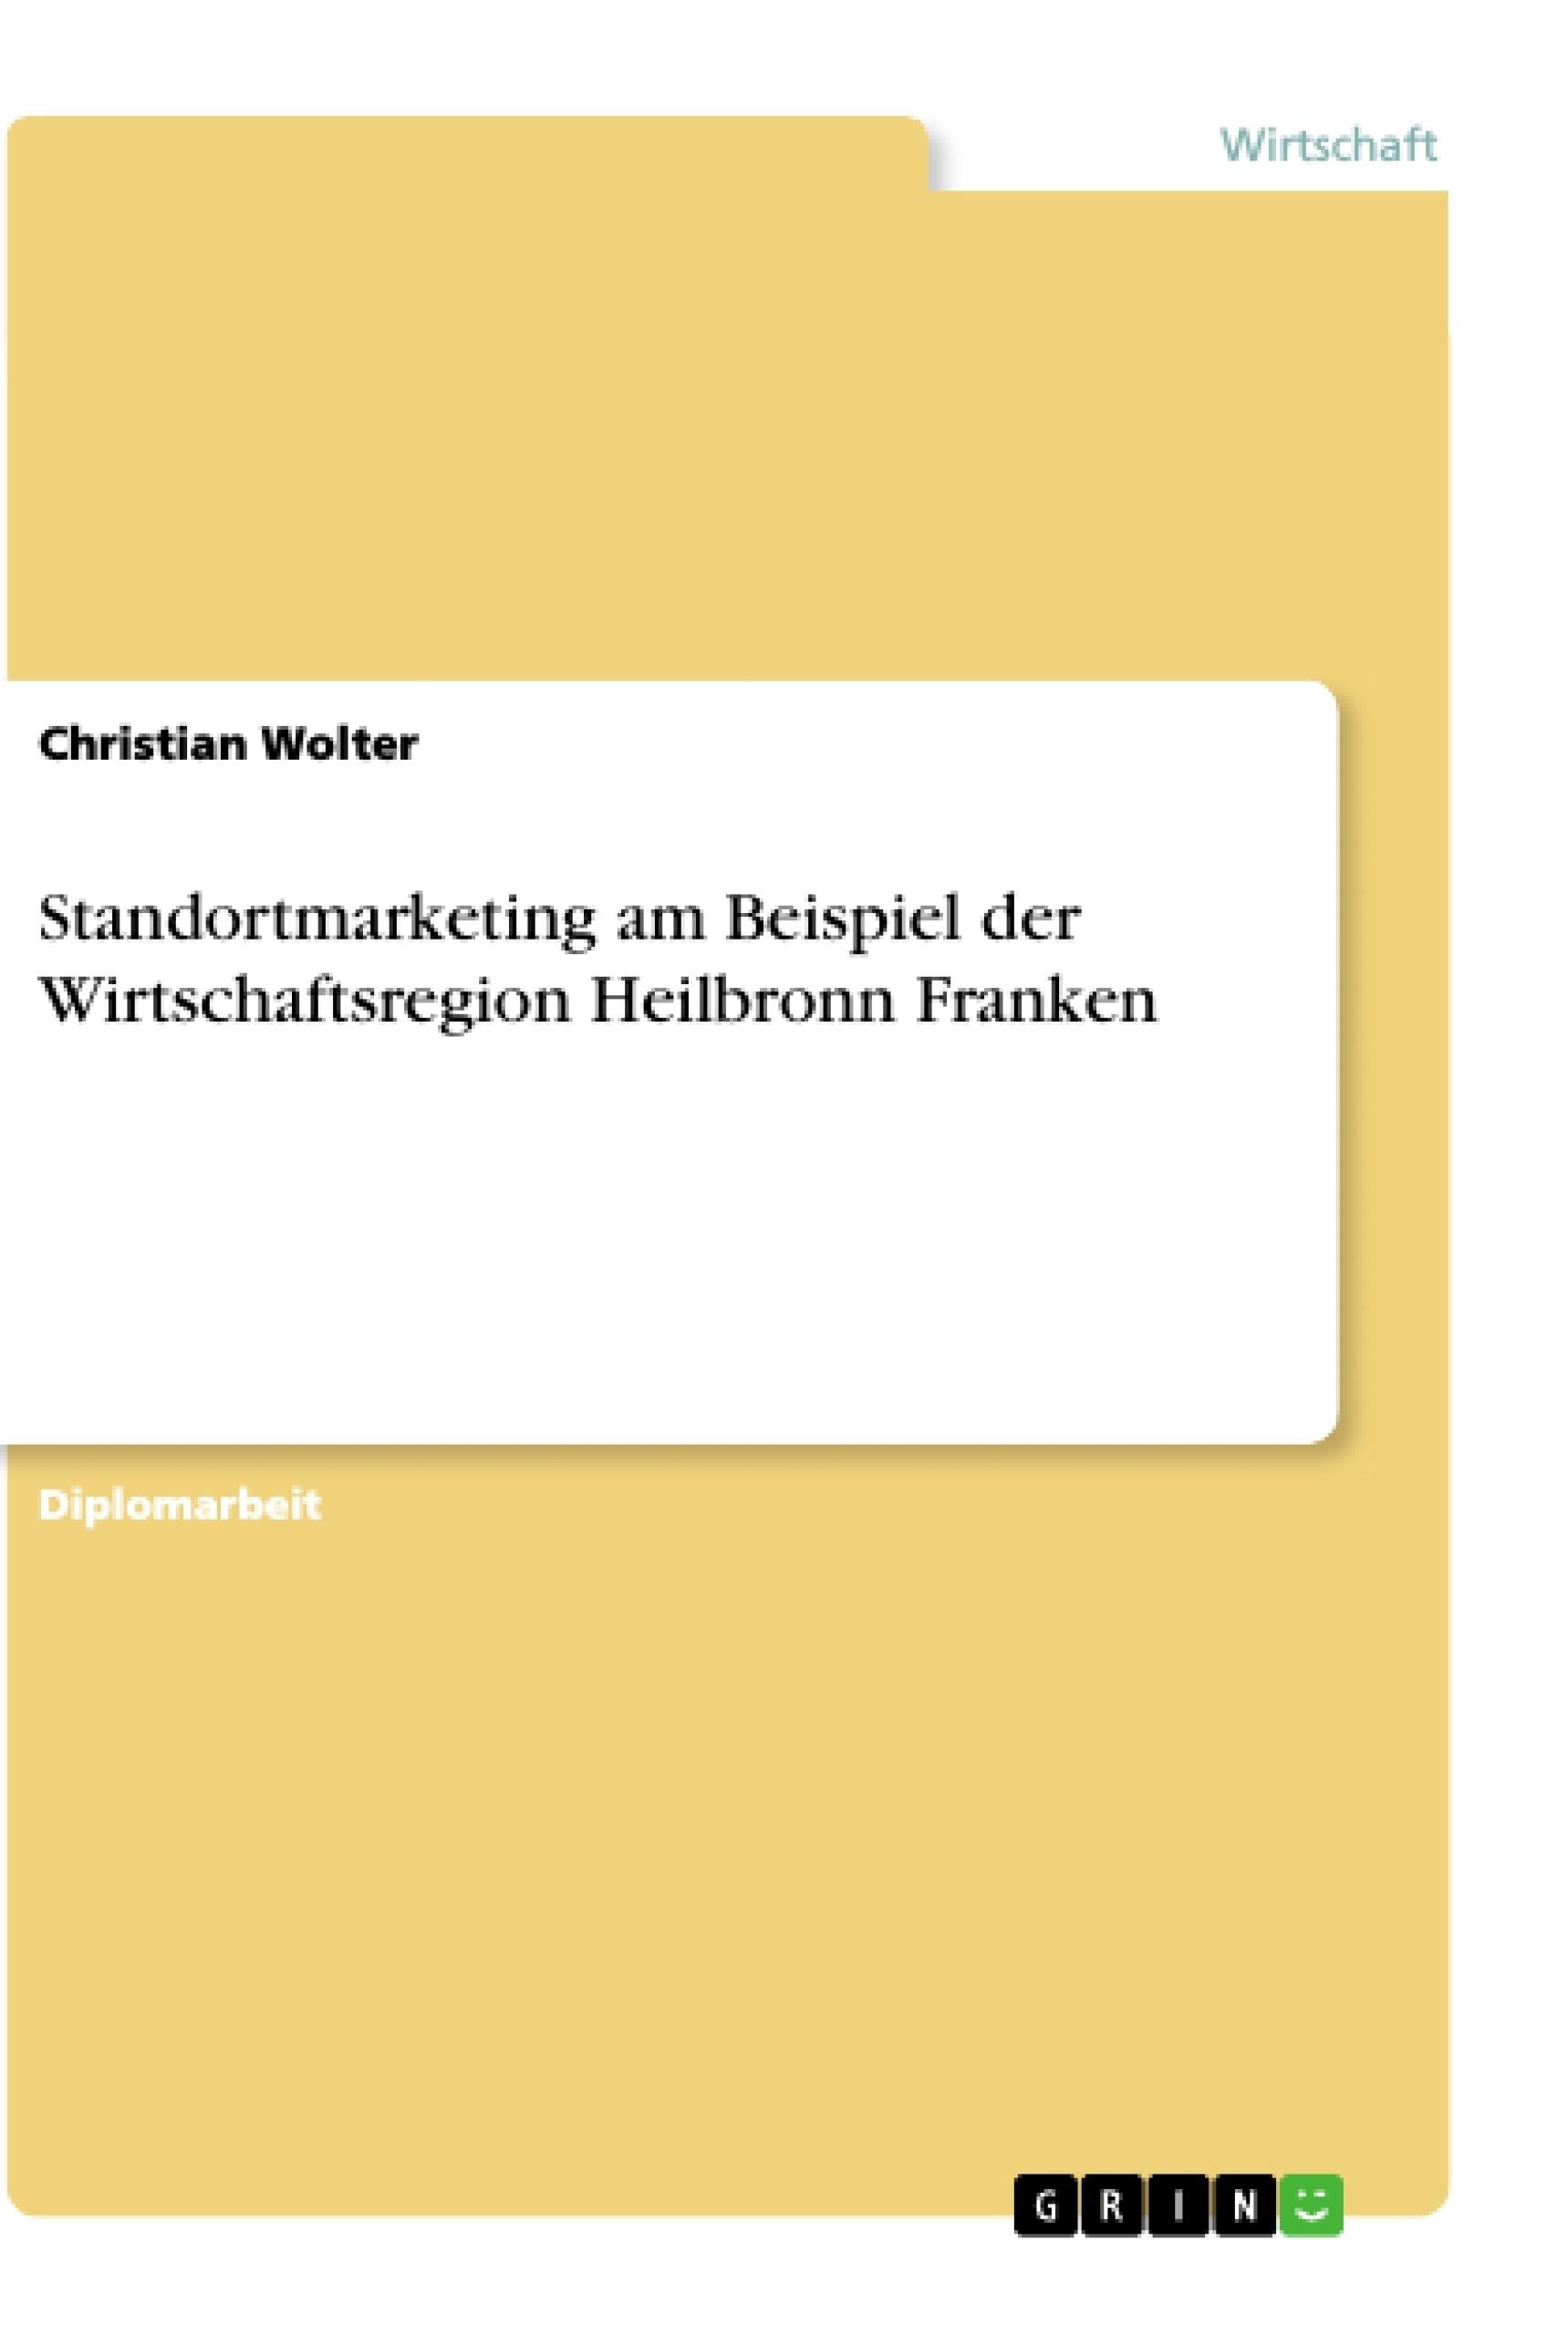 Titel: Standortmarketing am Beispiel der Wirtschaftsregion Heilbronn Franken